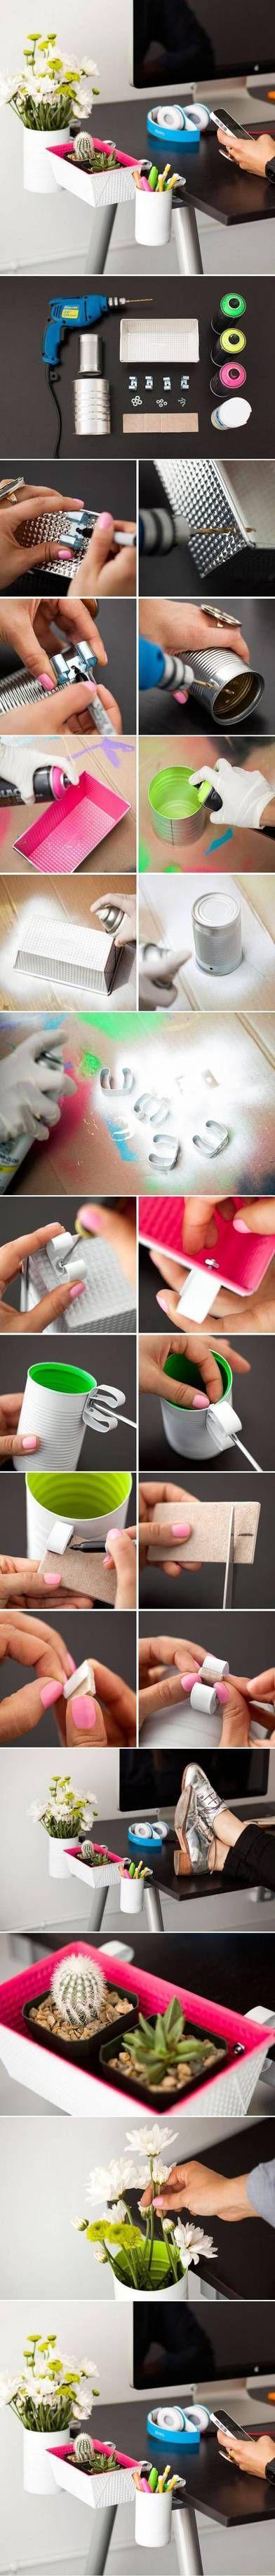 pop color spray paint desk accessories